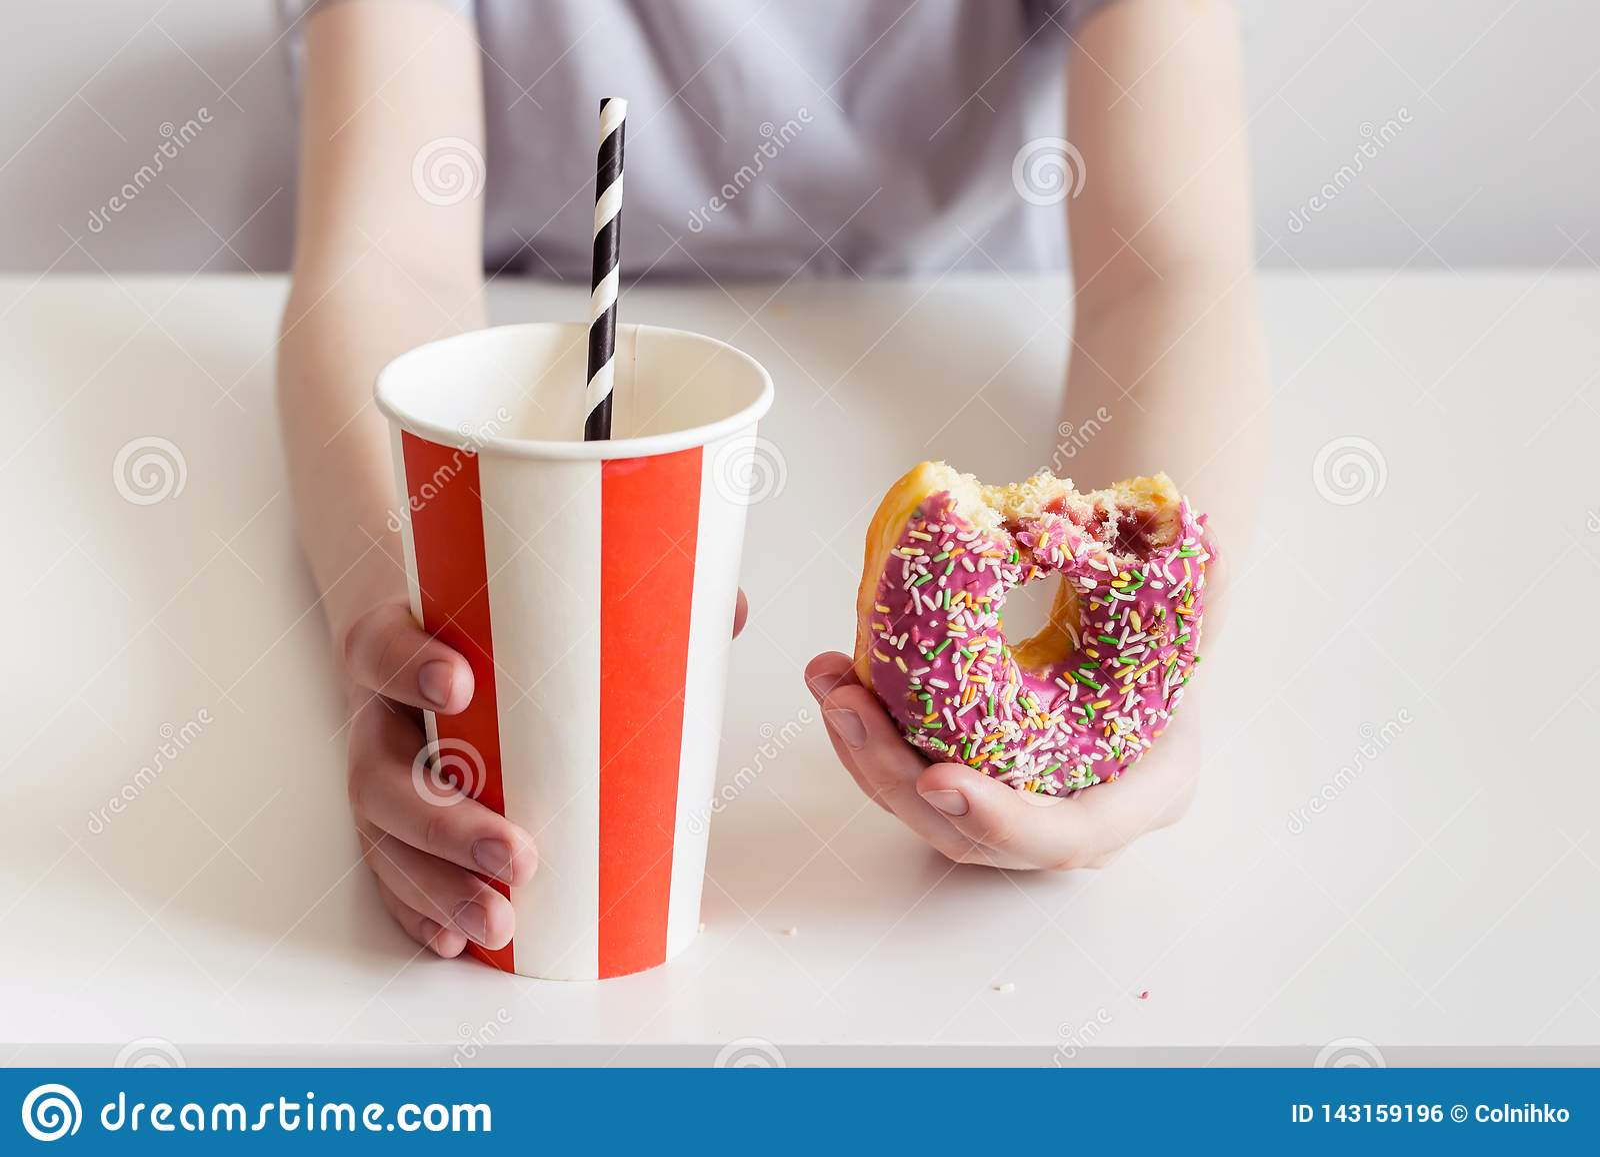 青少年的男孩藏品多福饼和甜泡沫腾涌的饮料